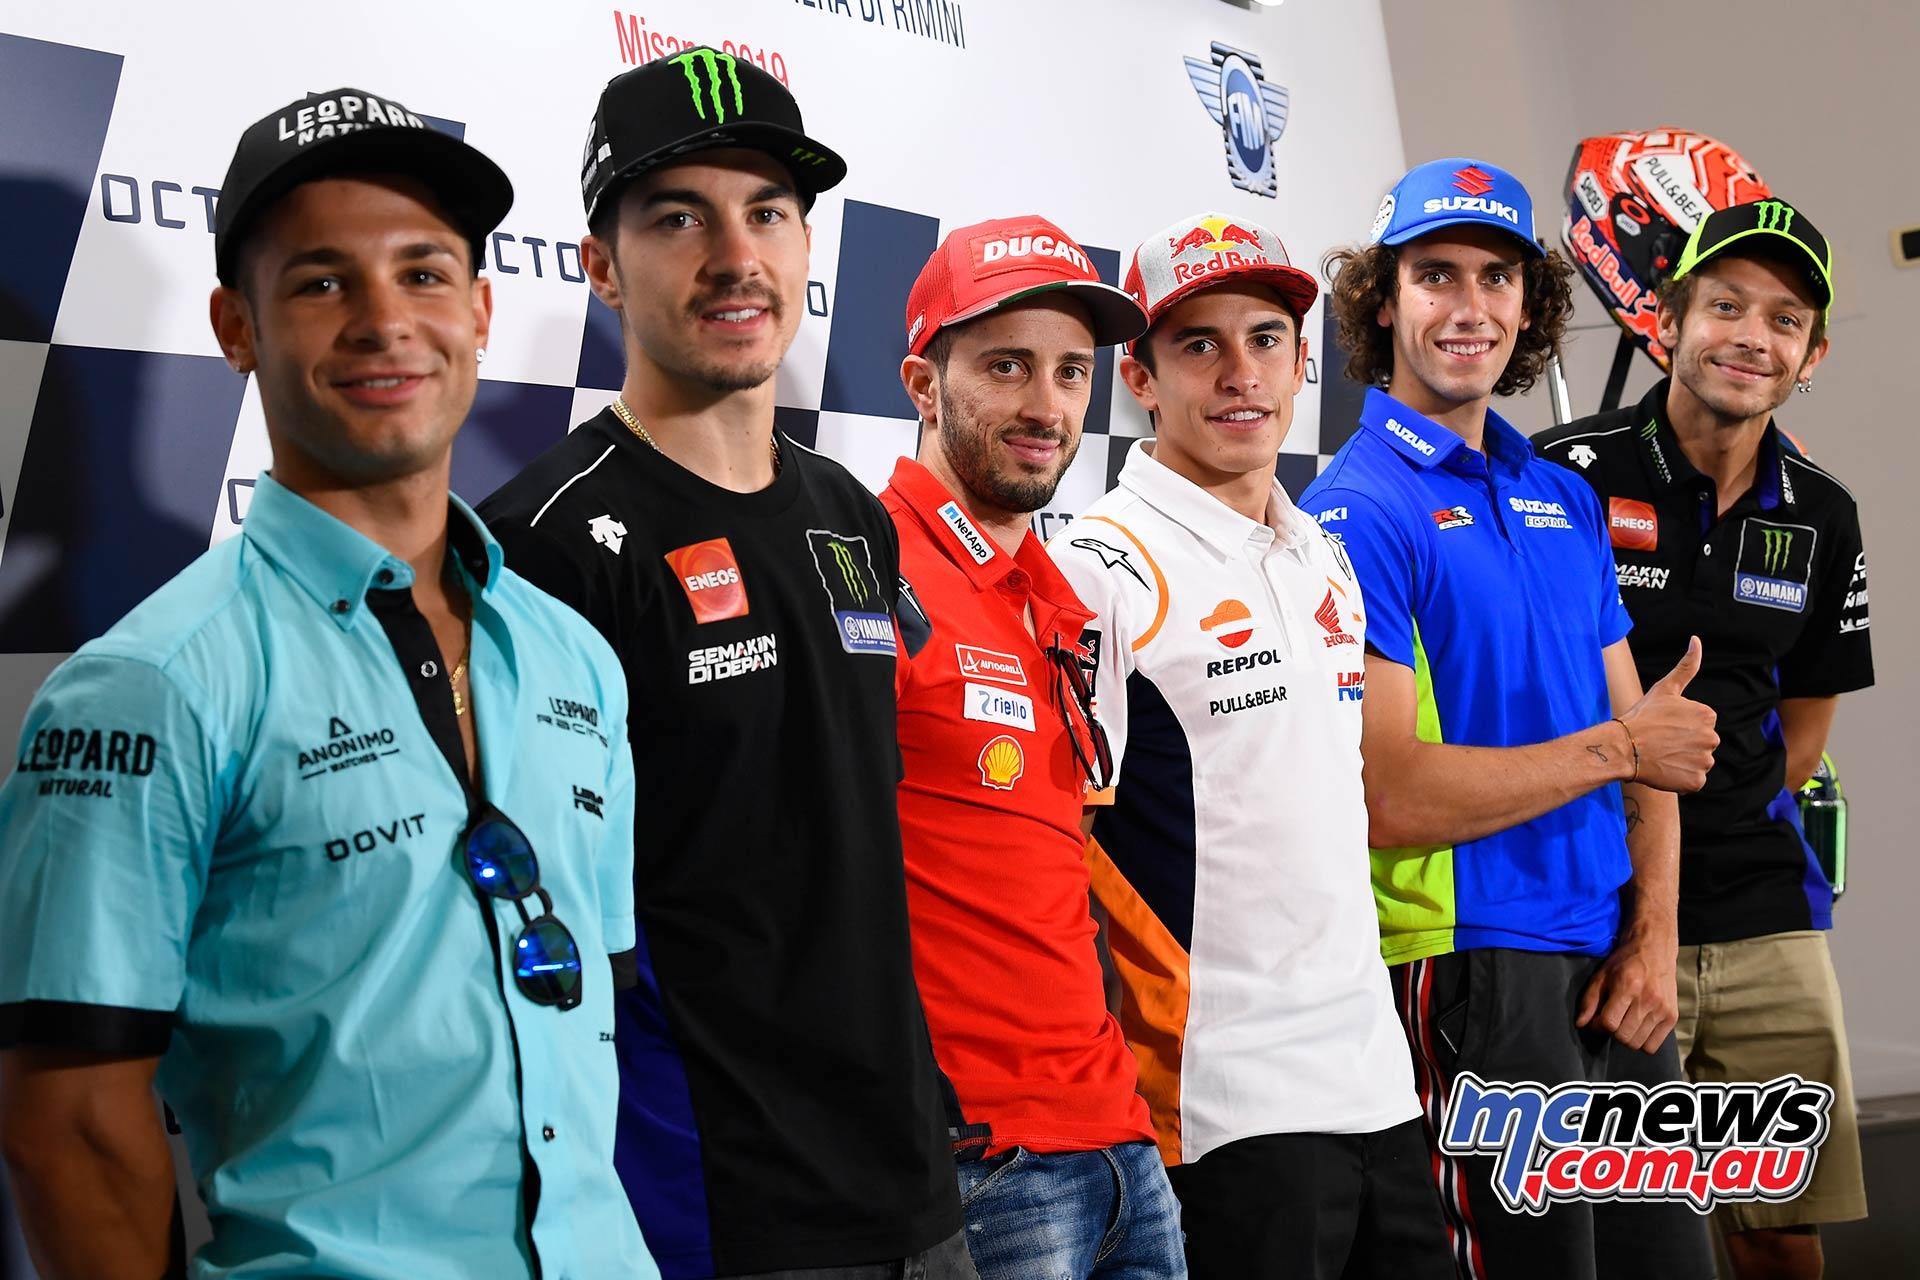 MotoGP Rnd Misano Presser Riders Dalla Porta Vinales Dovizioso Marquez Rins Rossi